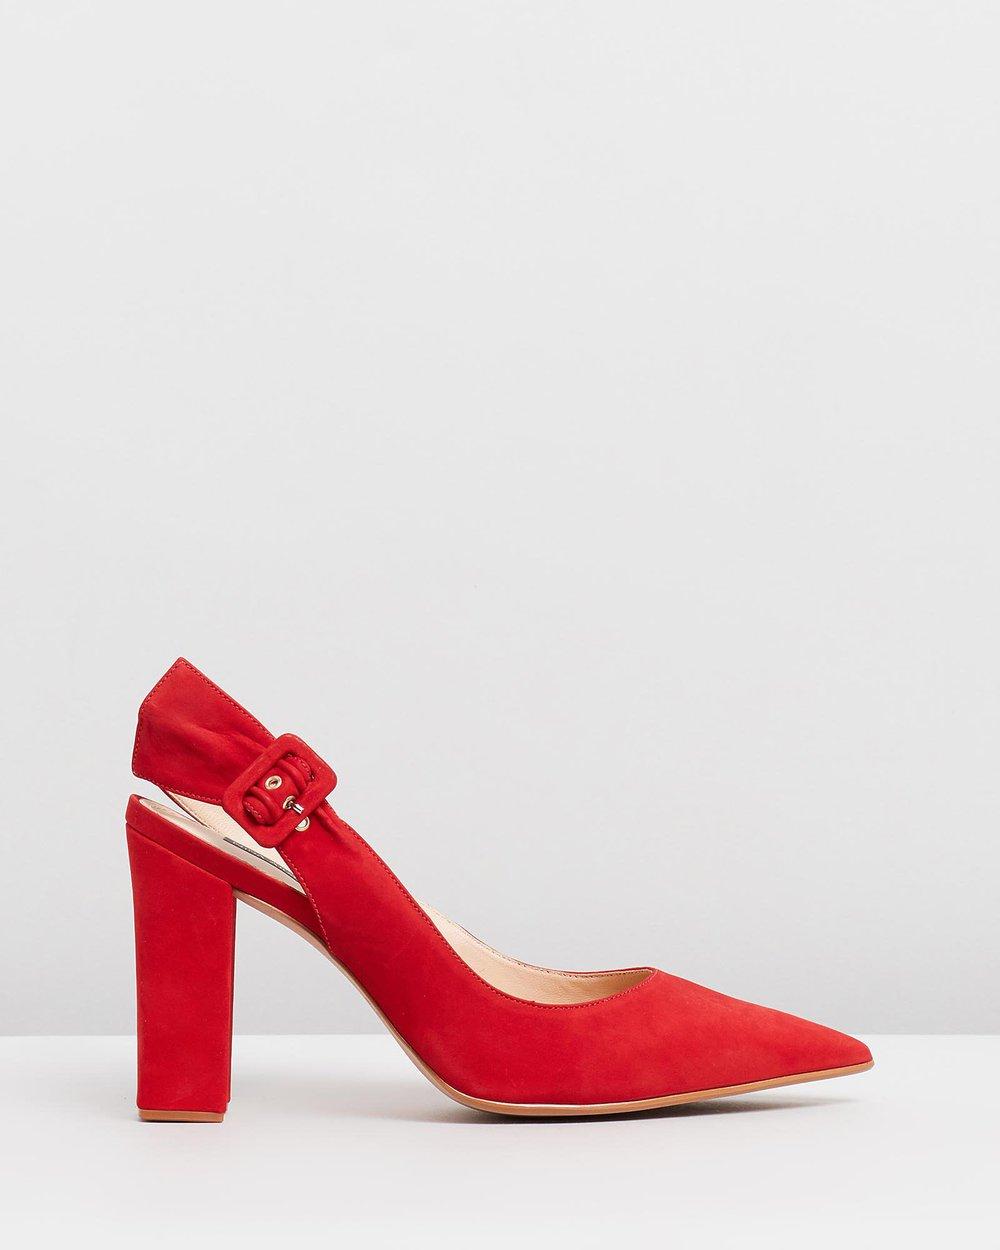 Paris - Red